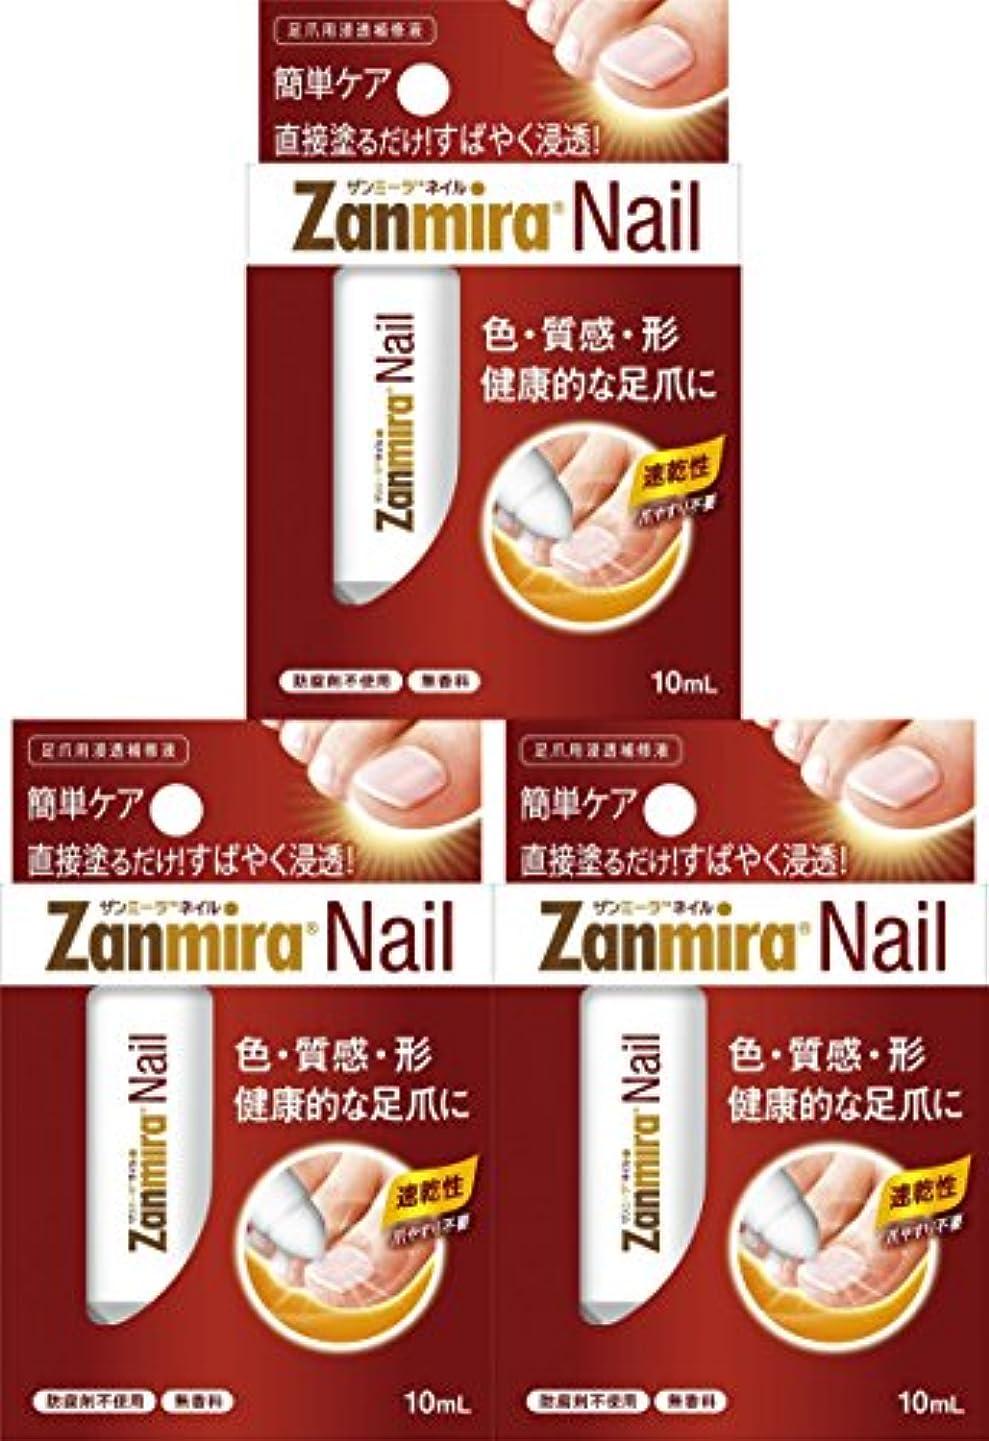 バルクペストリー買収【3個セット】ザンミーラ ネイル Zanmira Nail 10ml 足爪用浸透補修液